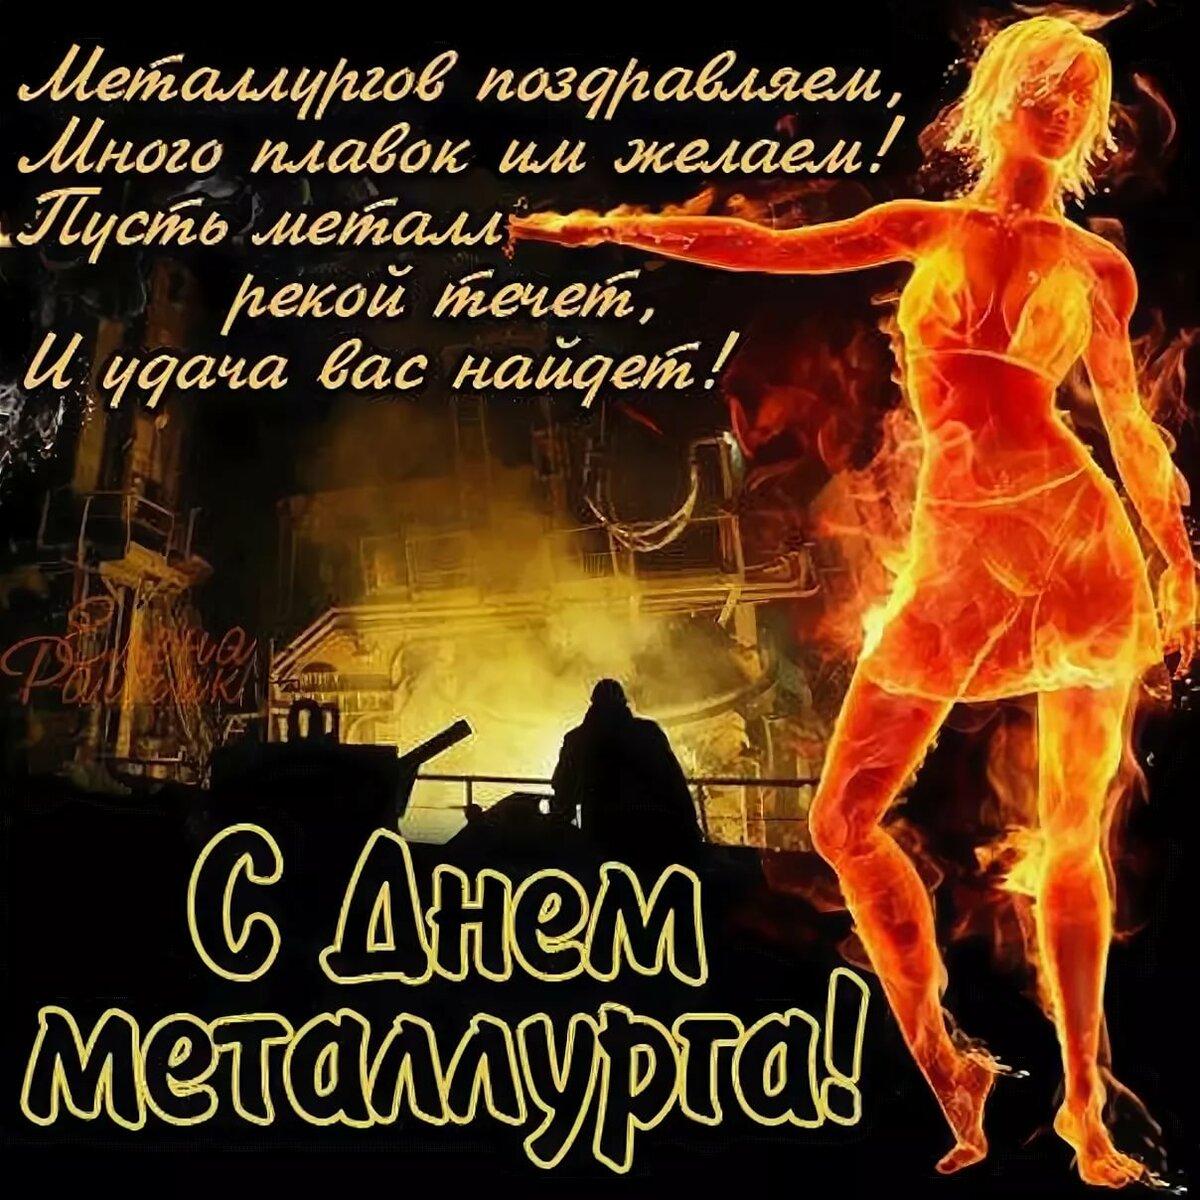 Поздравление с днем металлурга в стихах женщине